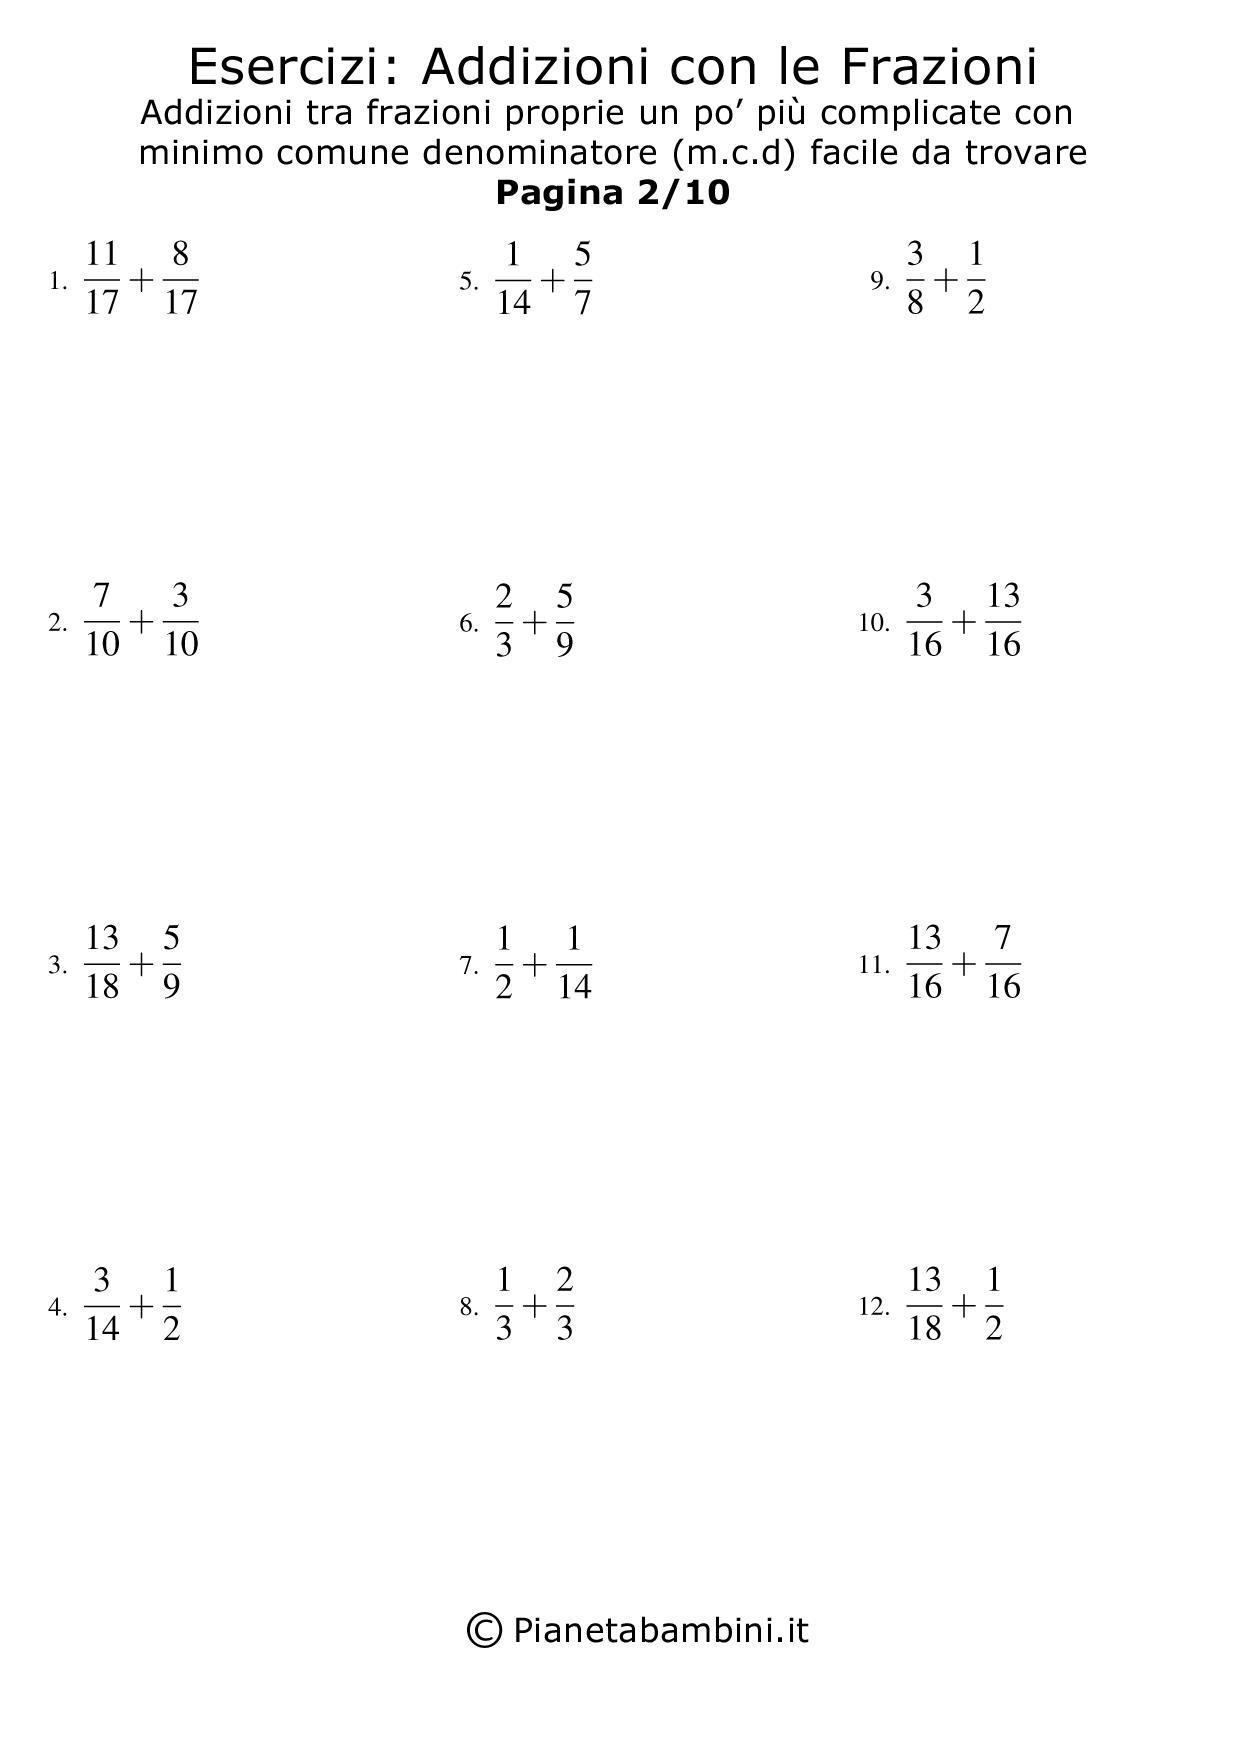 Frazioni-Complicate-m.c.d-Facile_02